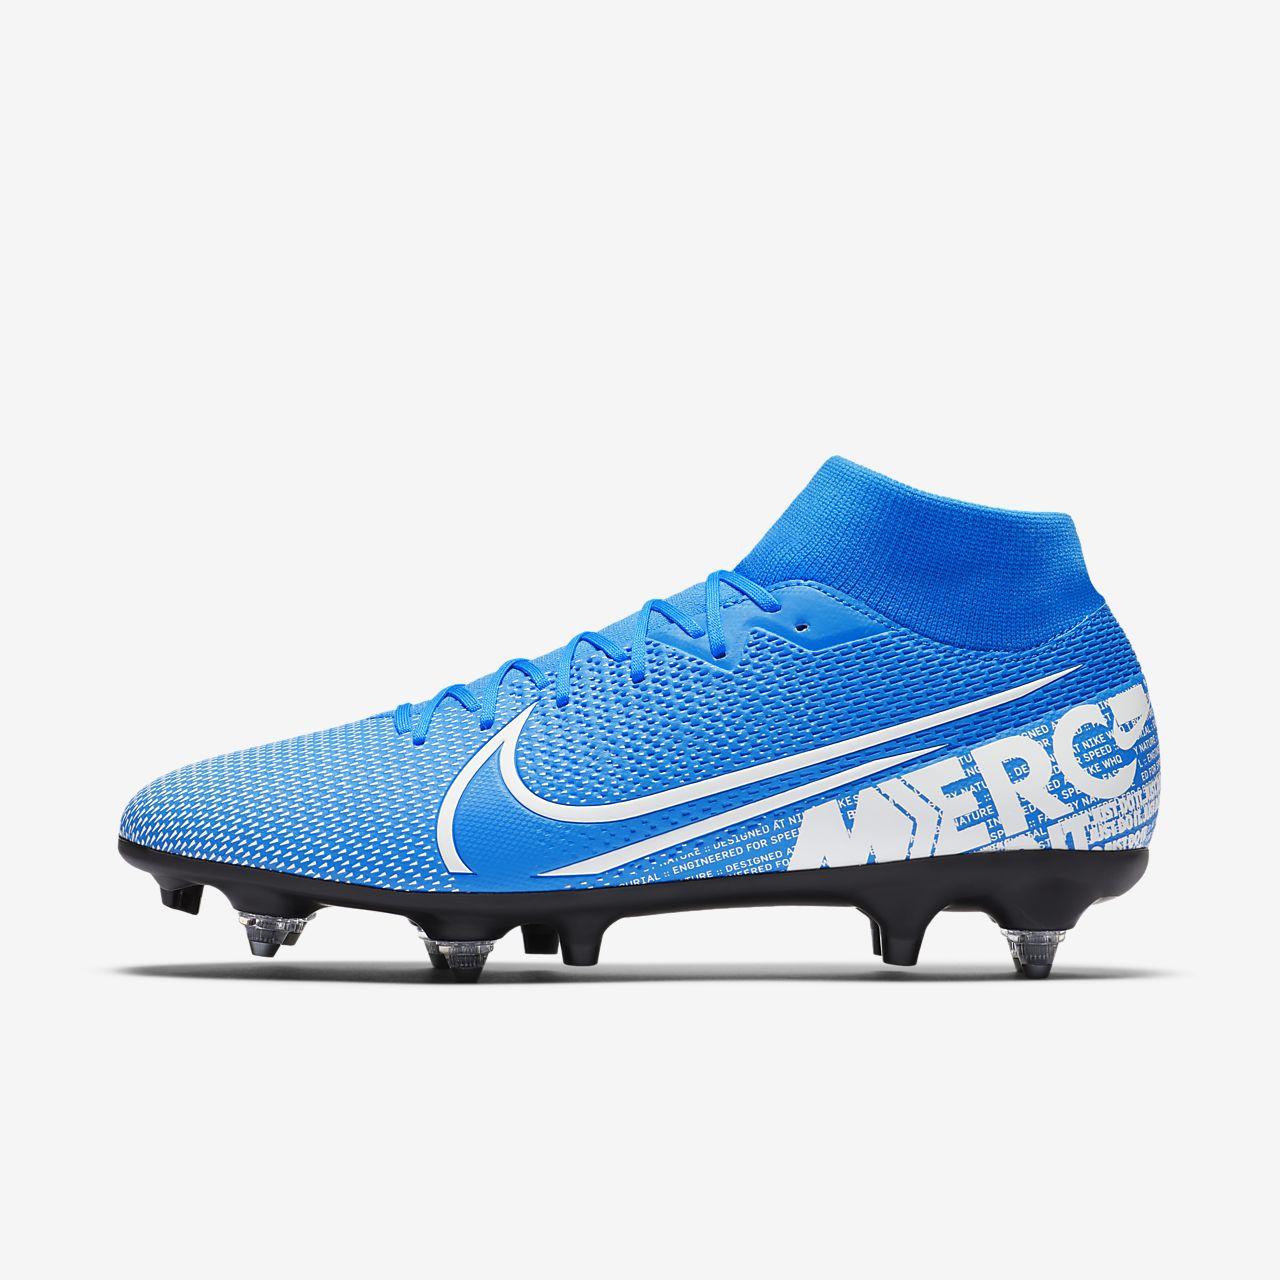 Nike Mercurial Superfly 7 Academy SG-PRO Anti-Clog Traction Fußballschuh für weichen Rasen